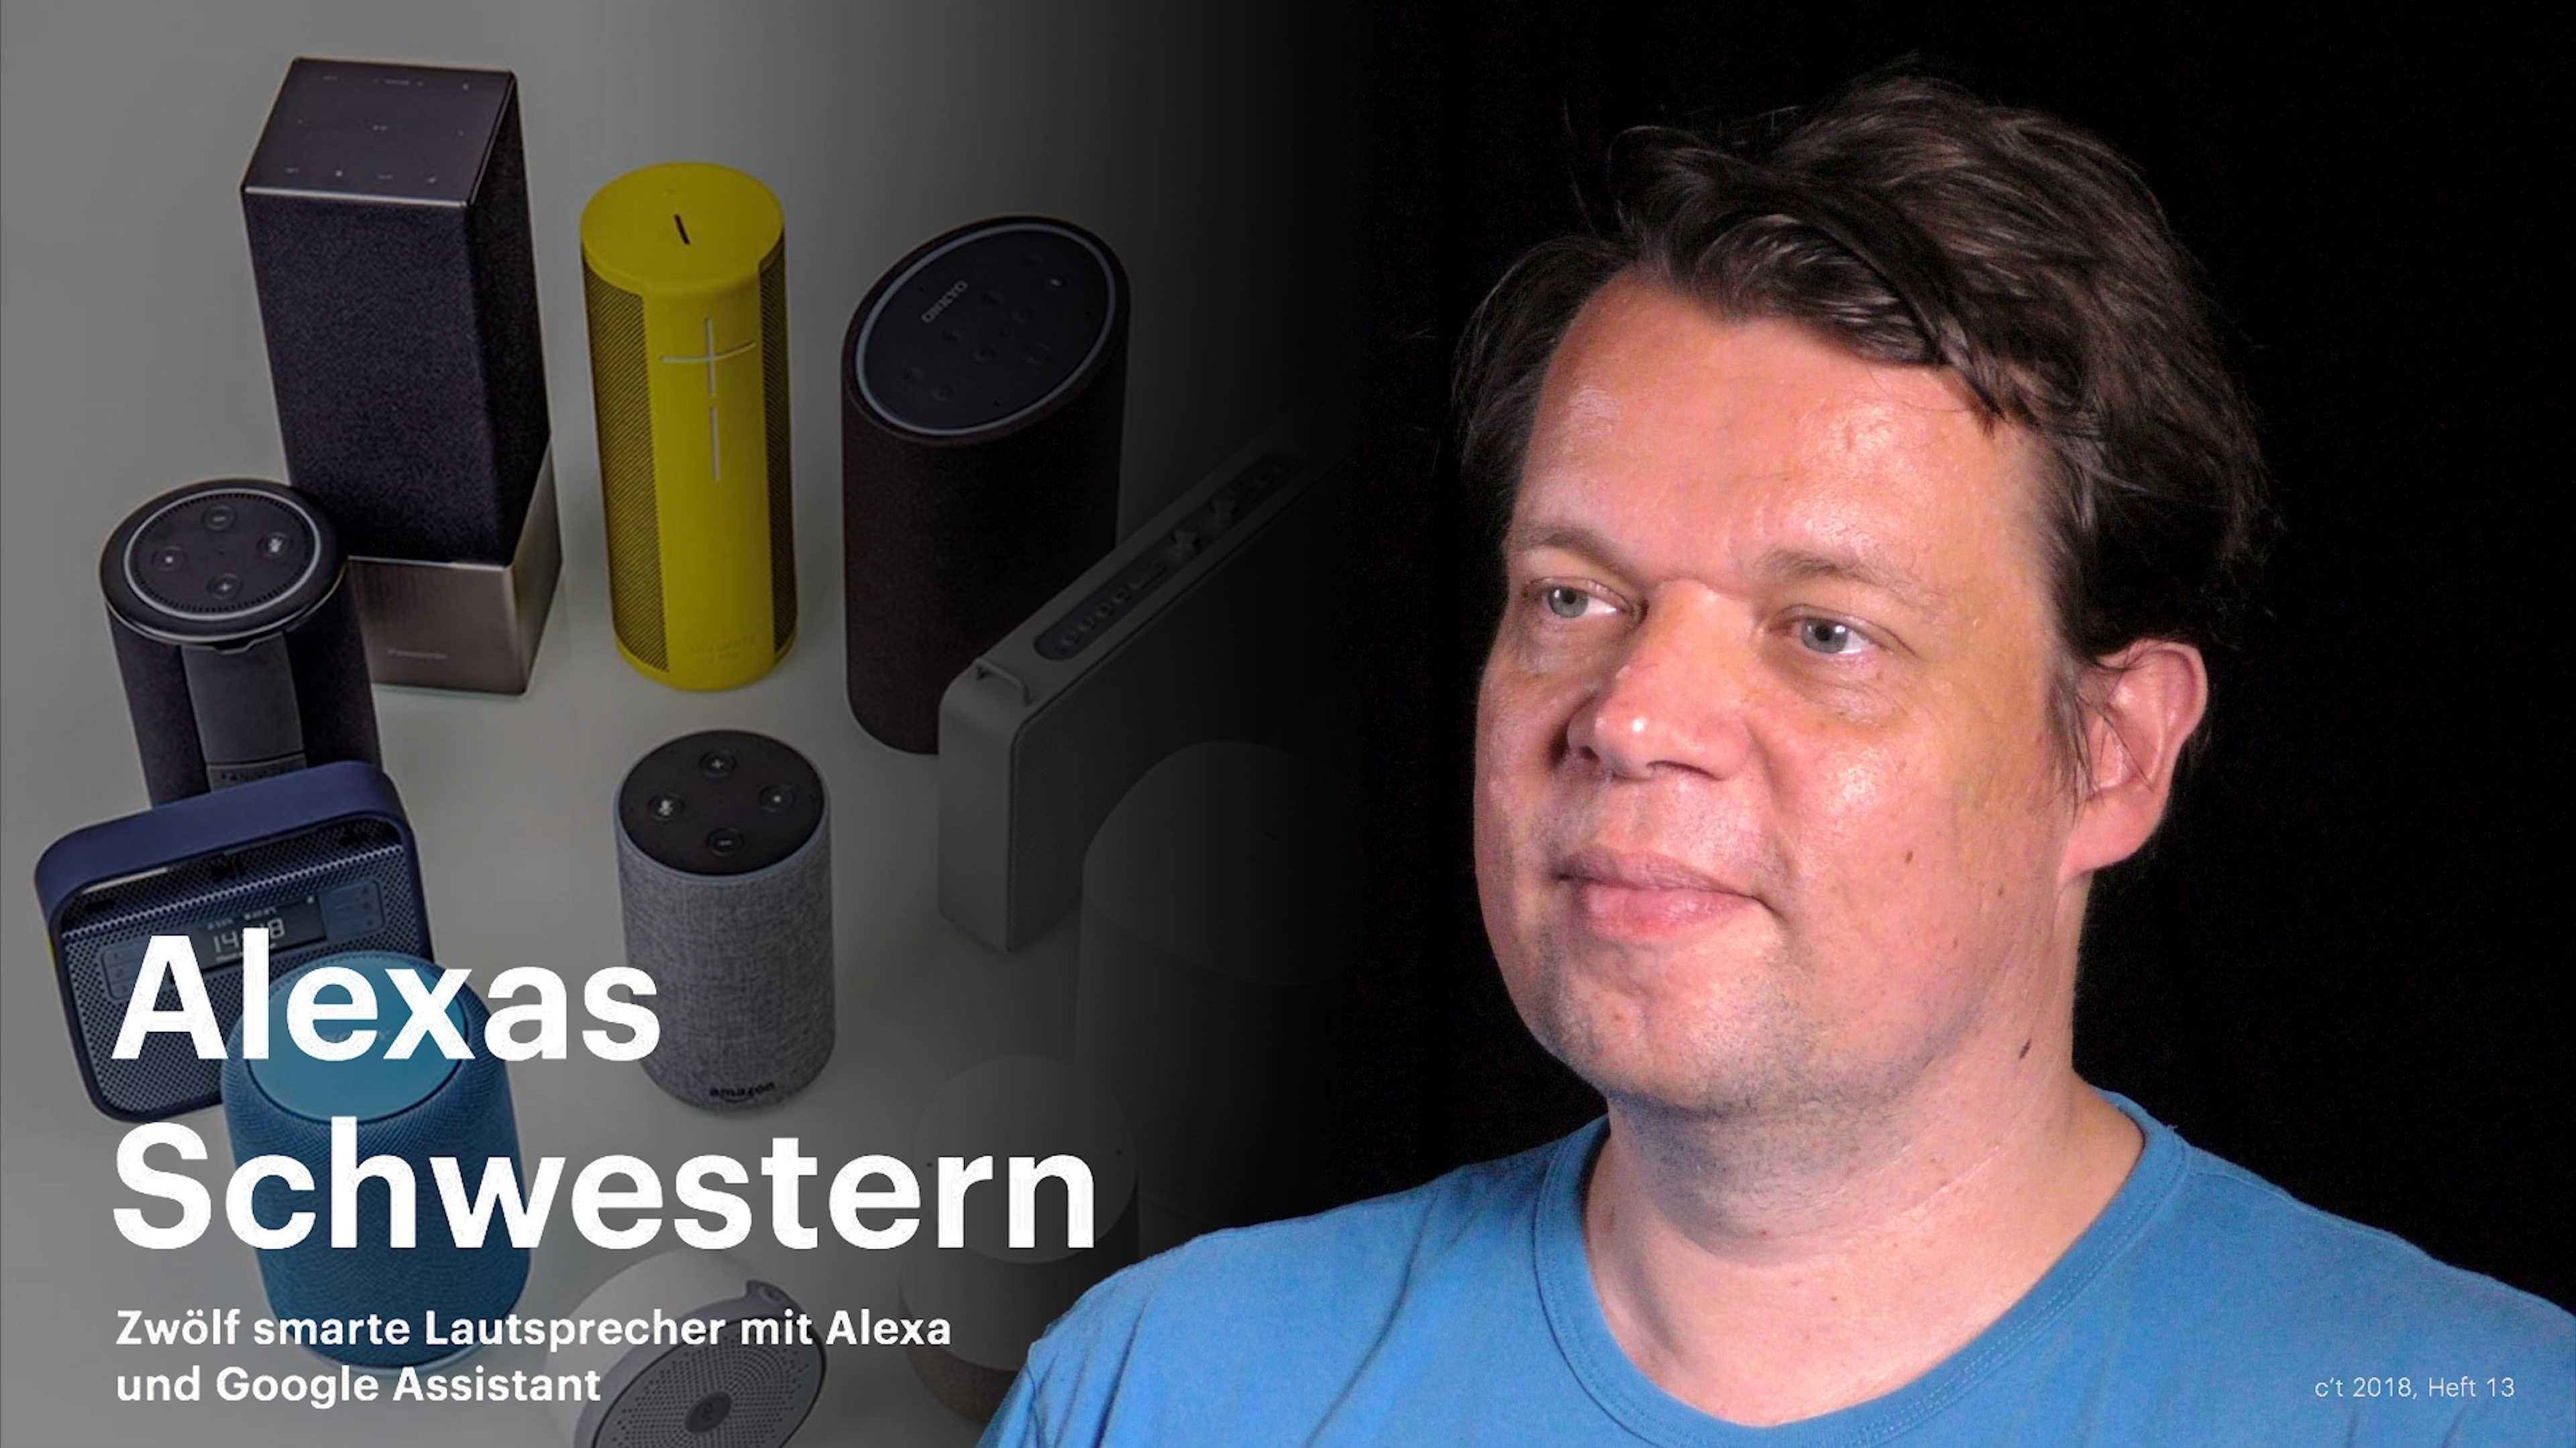 nachgehakt: Zwölf smarte Lautsprecher mit Alexa und Google Assistant